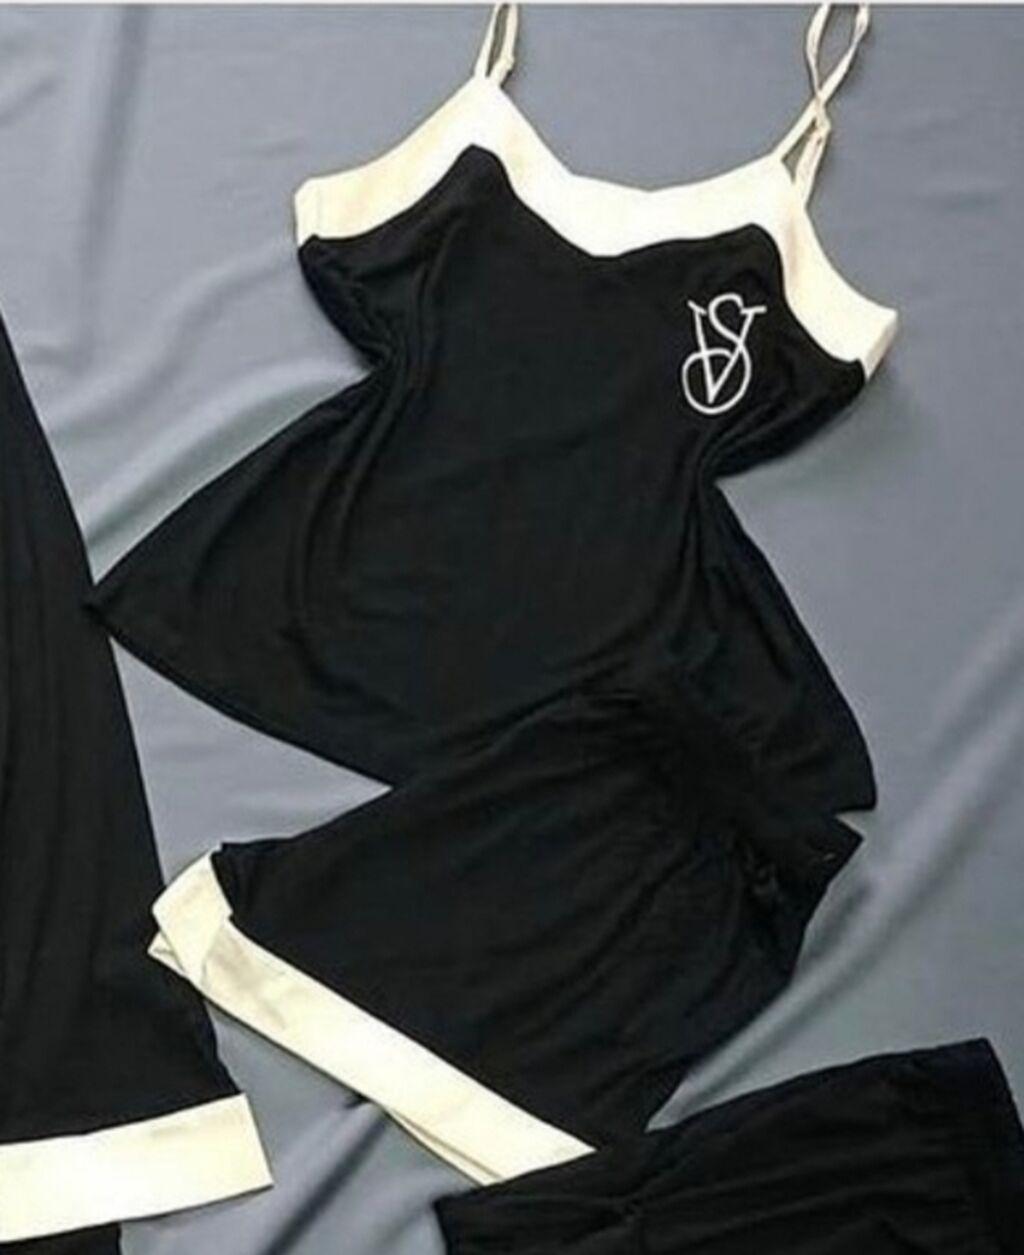 по цене: 300 KGS: Продаю пижаму майку с шортами